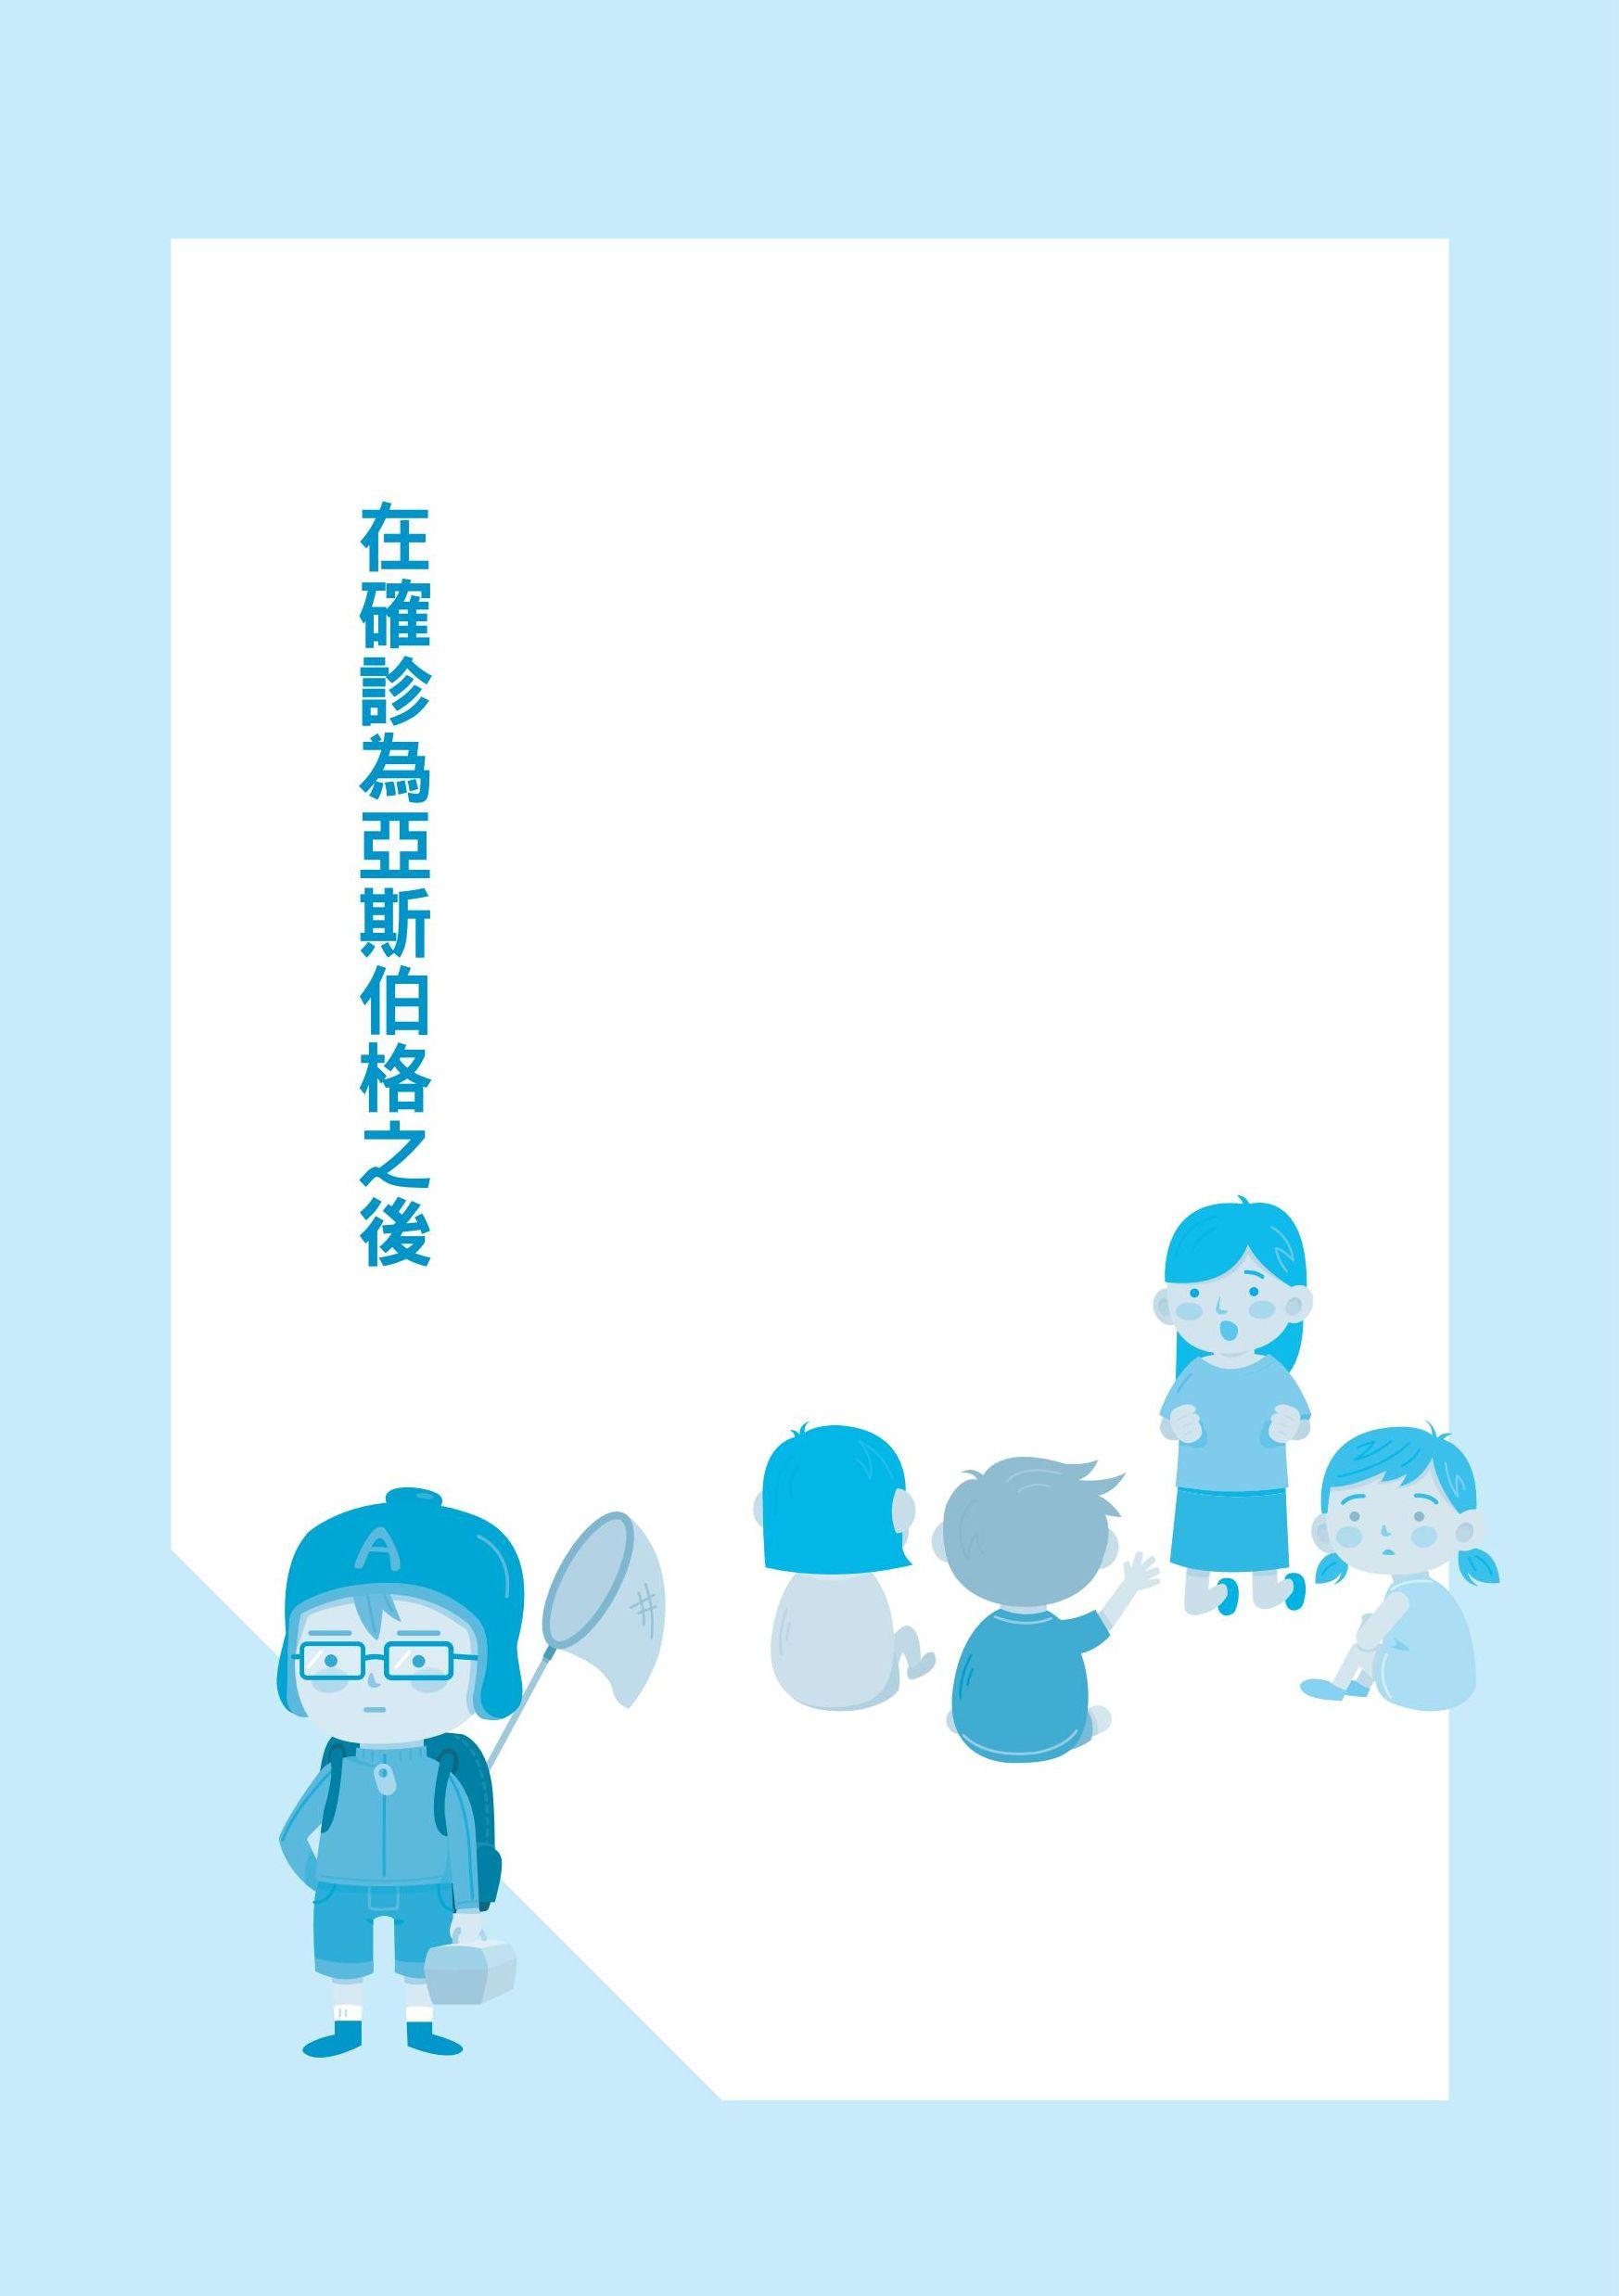 http://im2.book.com.tw/image/getImage?i=http://www.books.com.tw/img/001/070/14/0010701462_b_01.jpg&v=567a861d&w=655&h=609